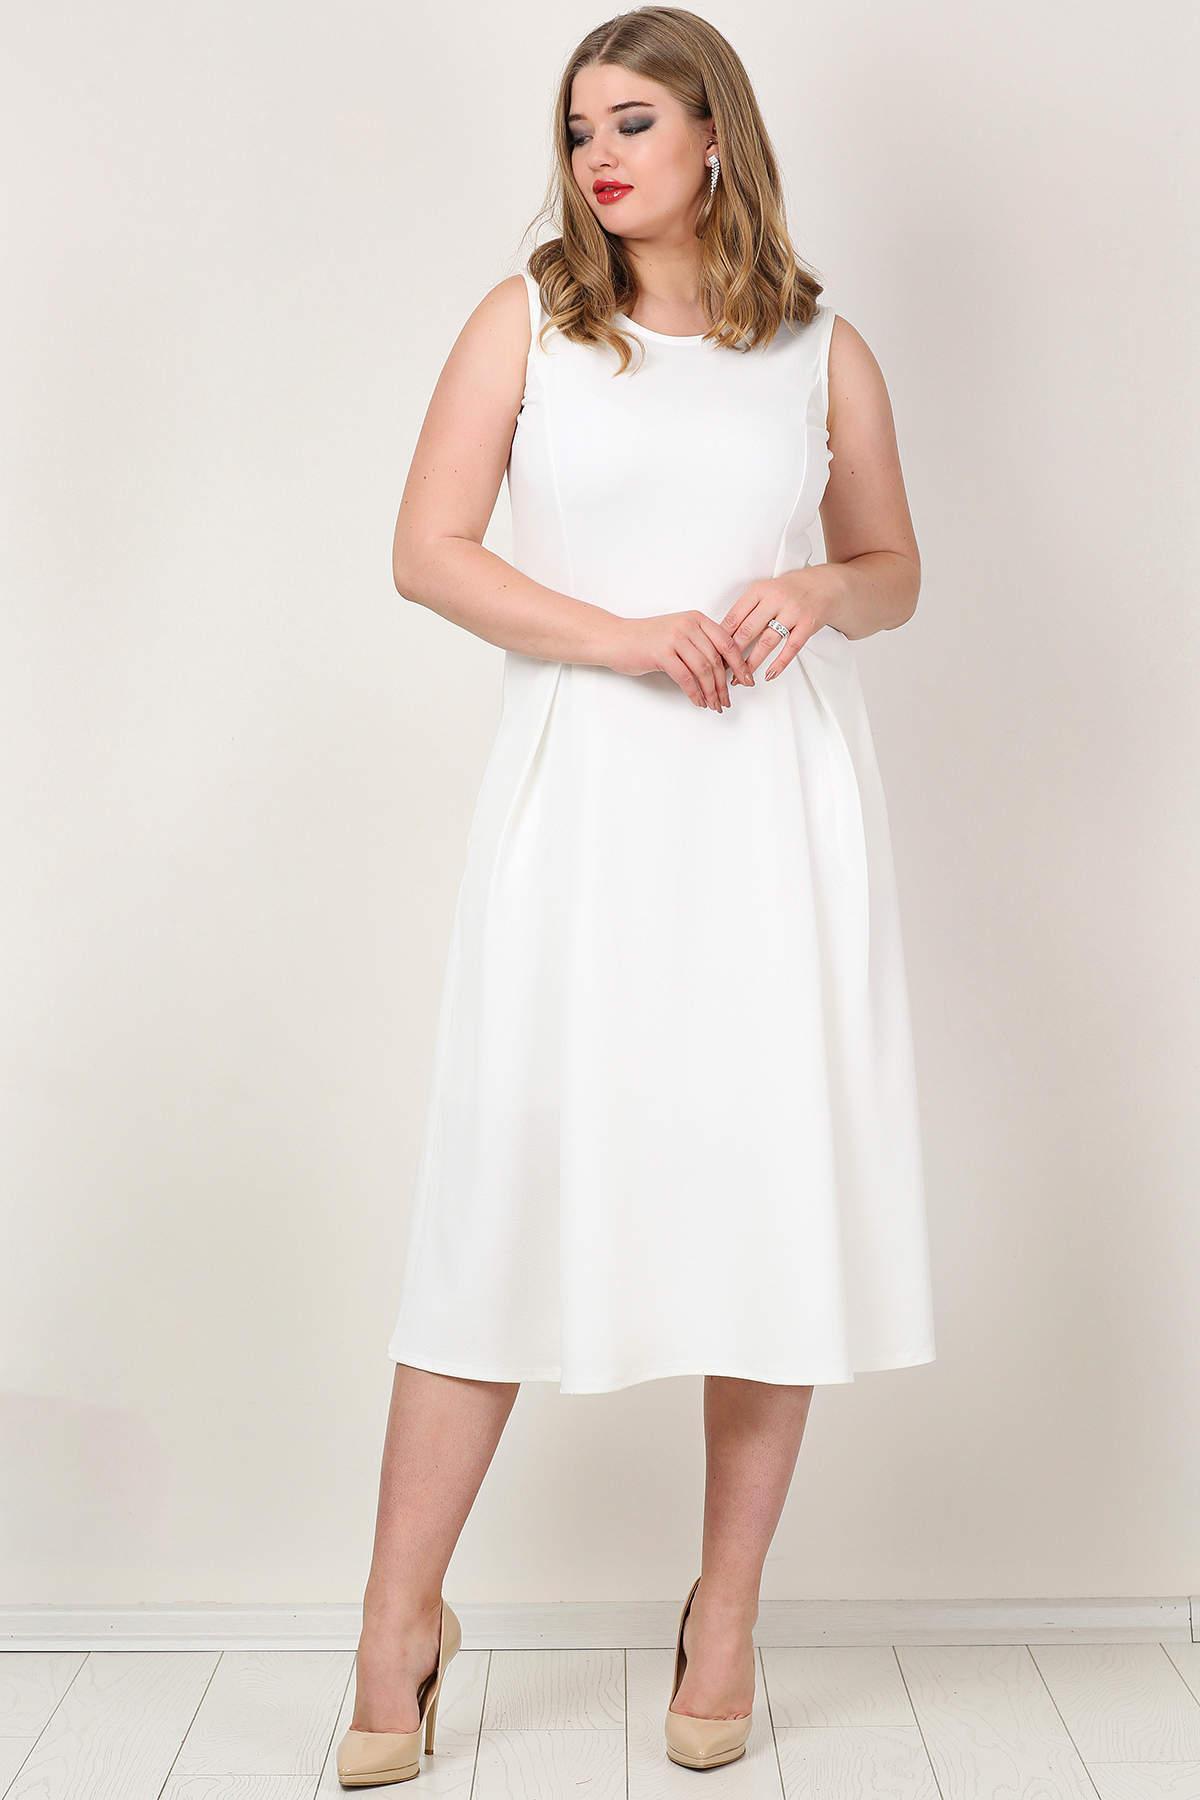 Nikah İçin Elbise Modelleri 2019